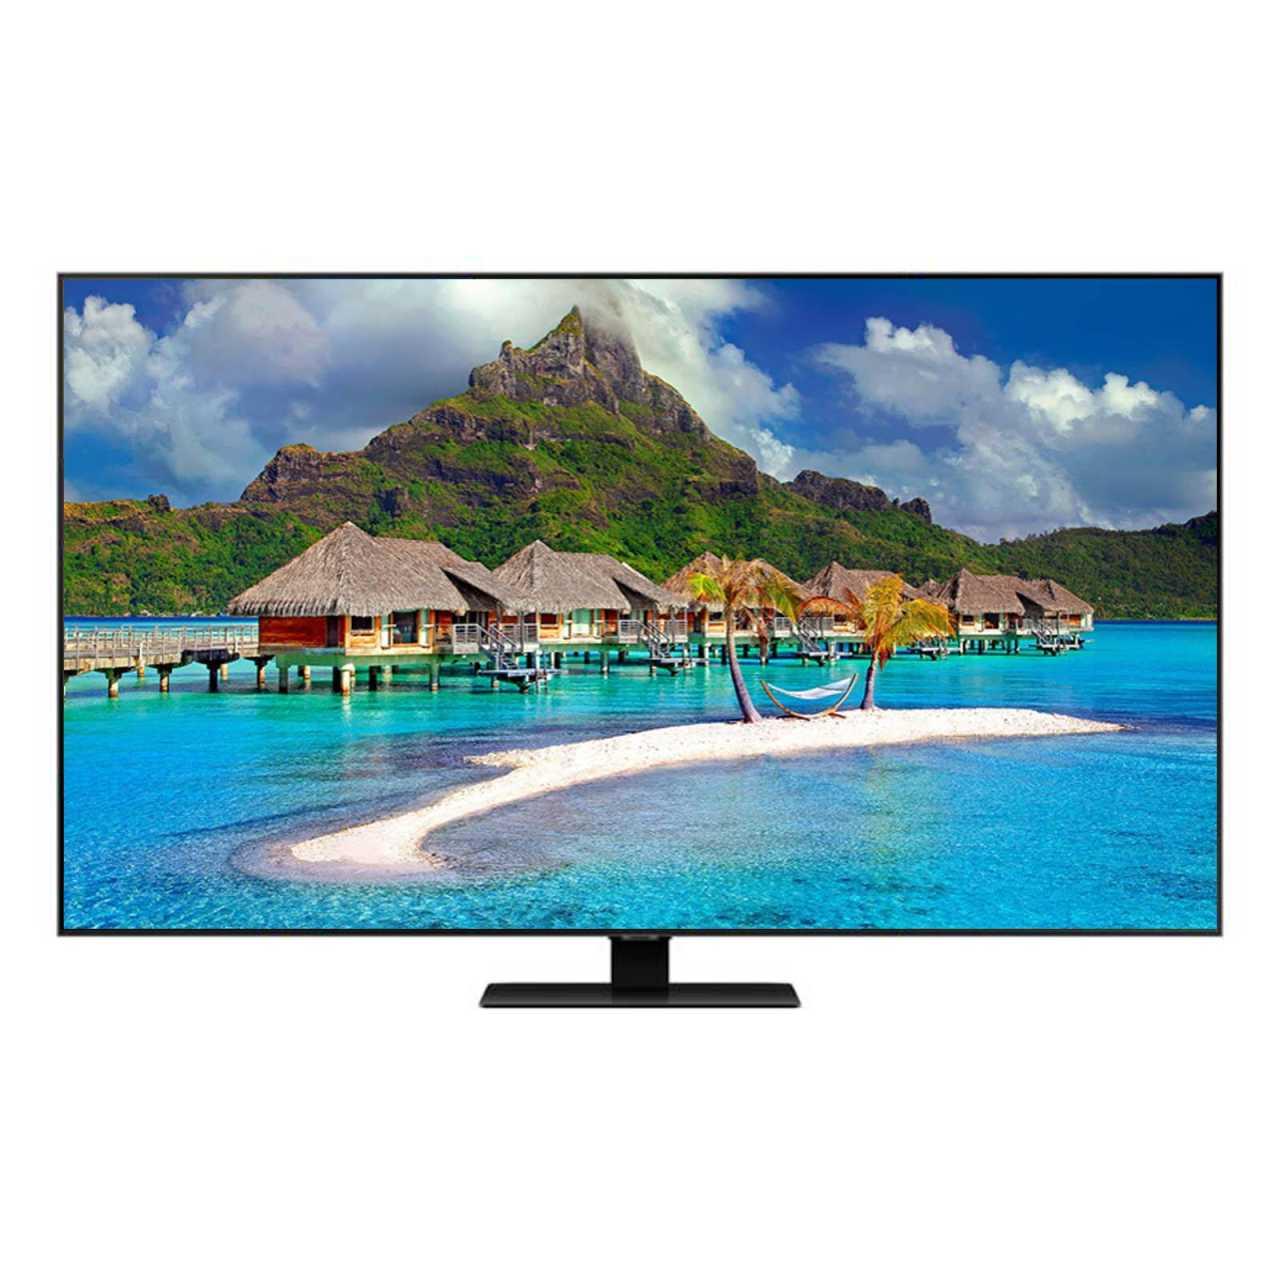 Samsung 75Q80T 75 Zoll (189cm) 4K Ultra HD 3800 PQI QLED Smart TV Tripple Twin Tuner Carbonsilber LED75Q80T